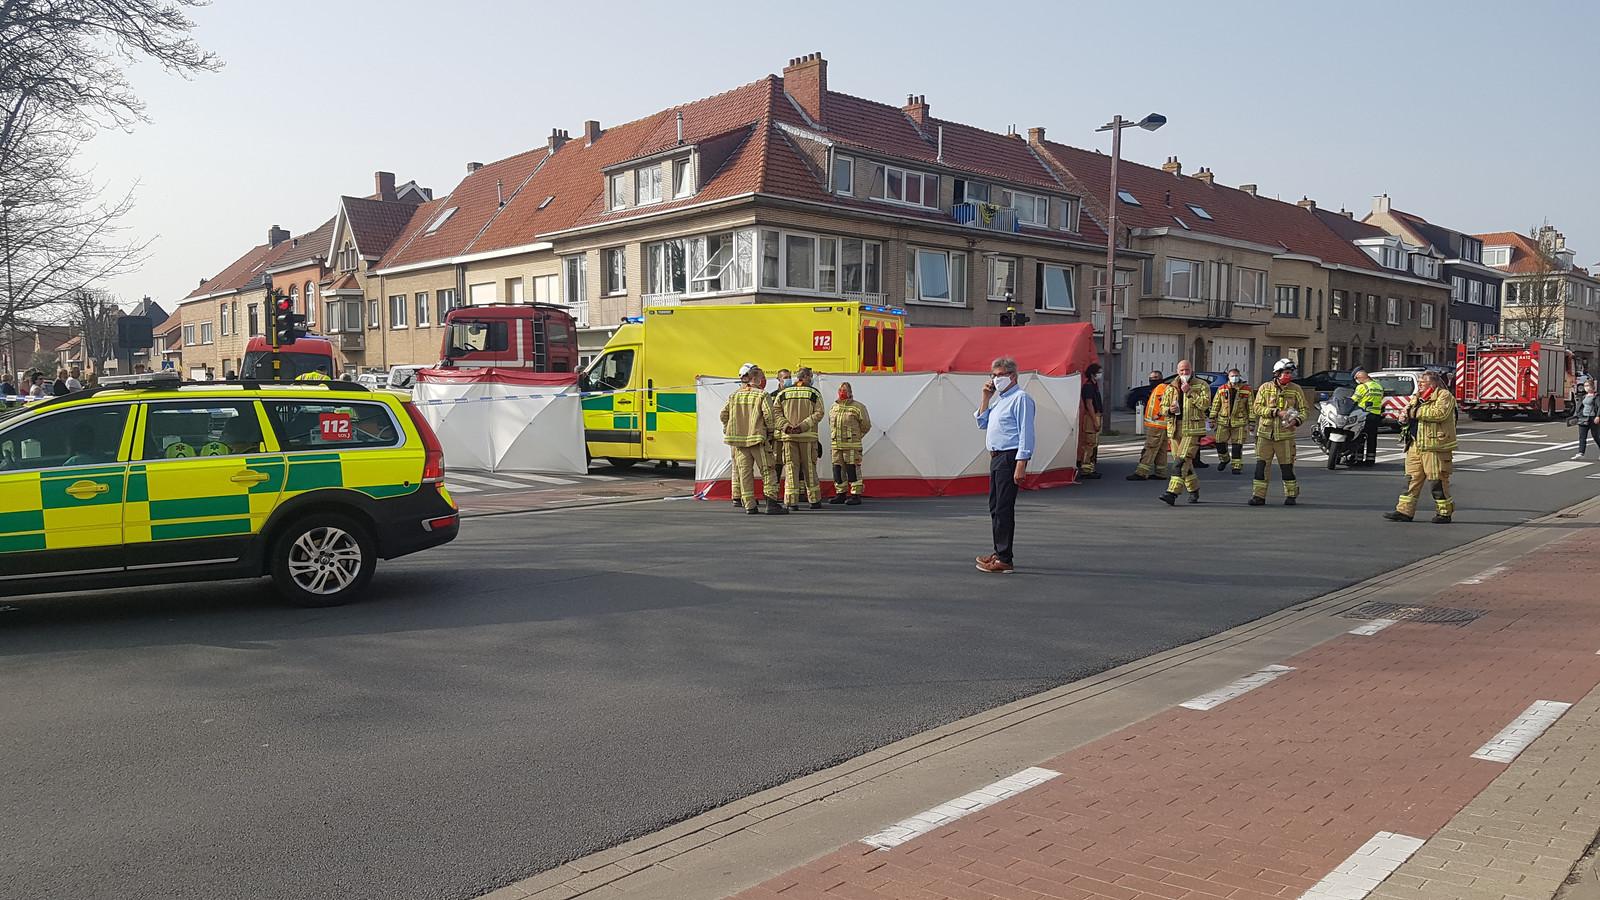 L'accident s'est produit peu avant 16h00. Le conducteur du camion, en tournant, a accroché la cycliste, qui a succombé à ses blessures.